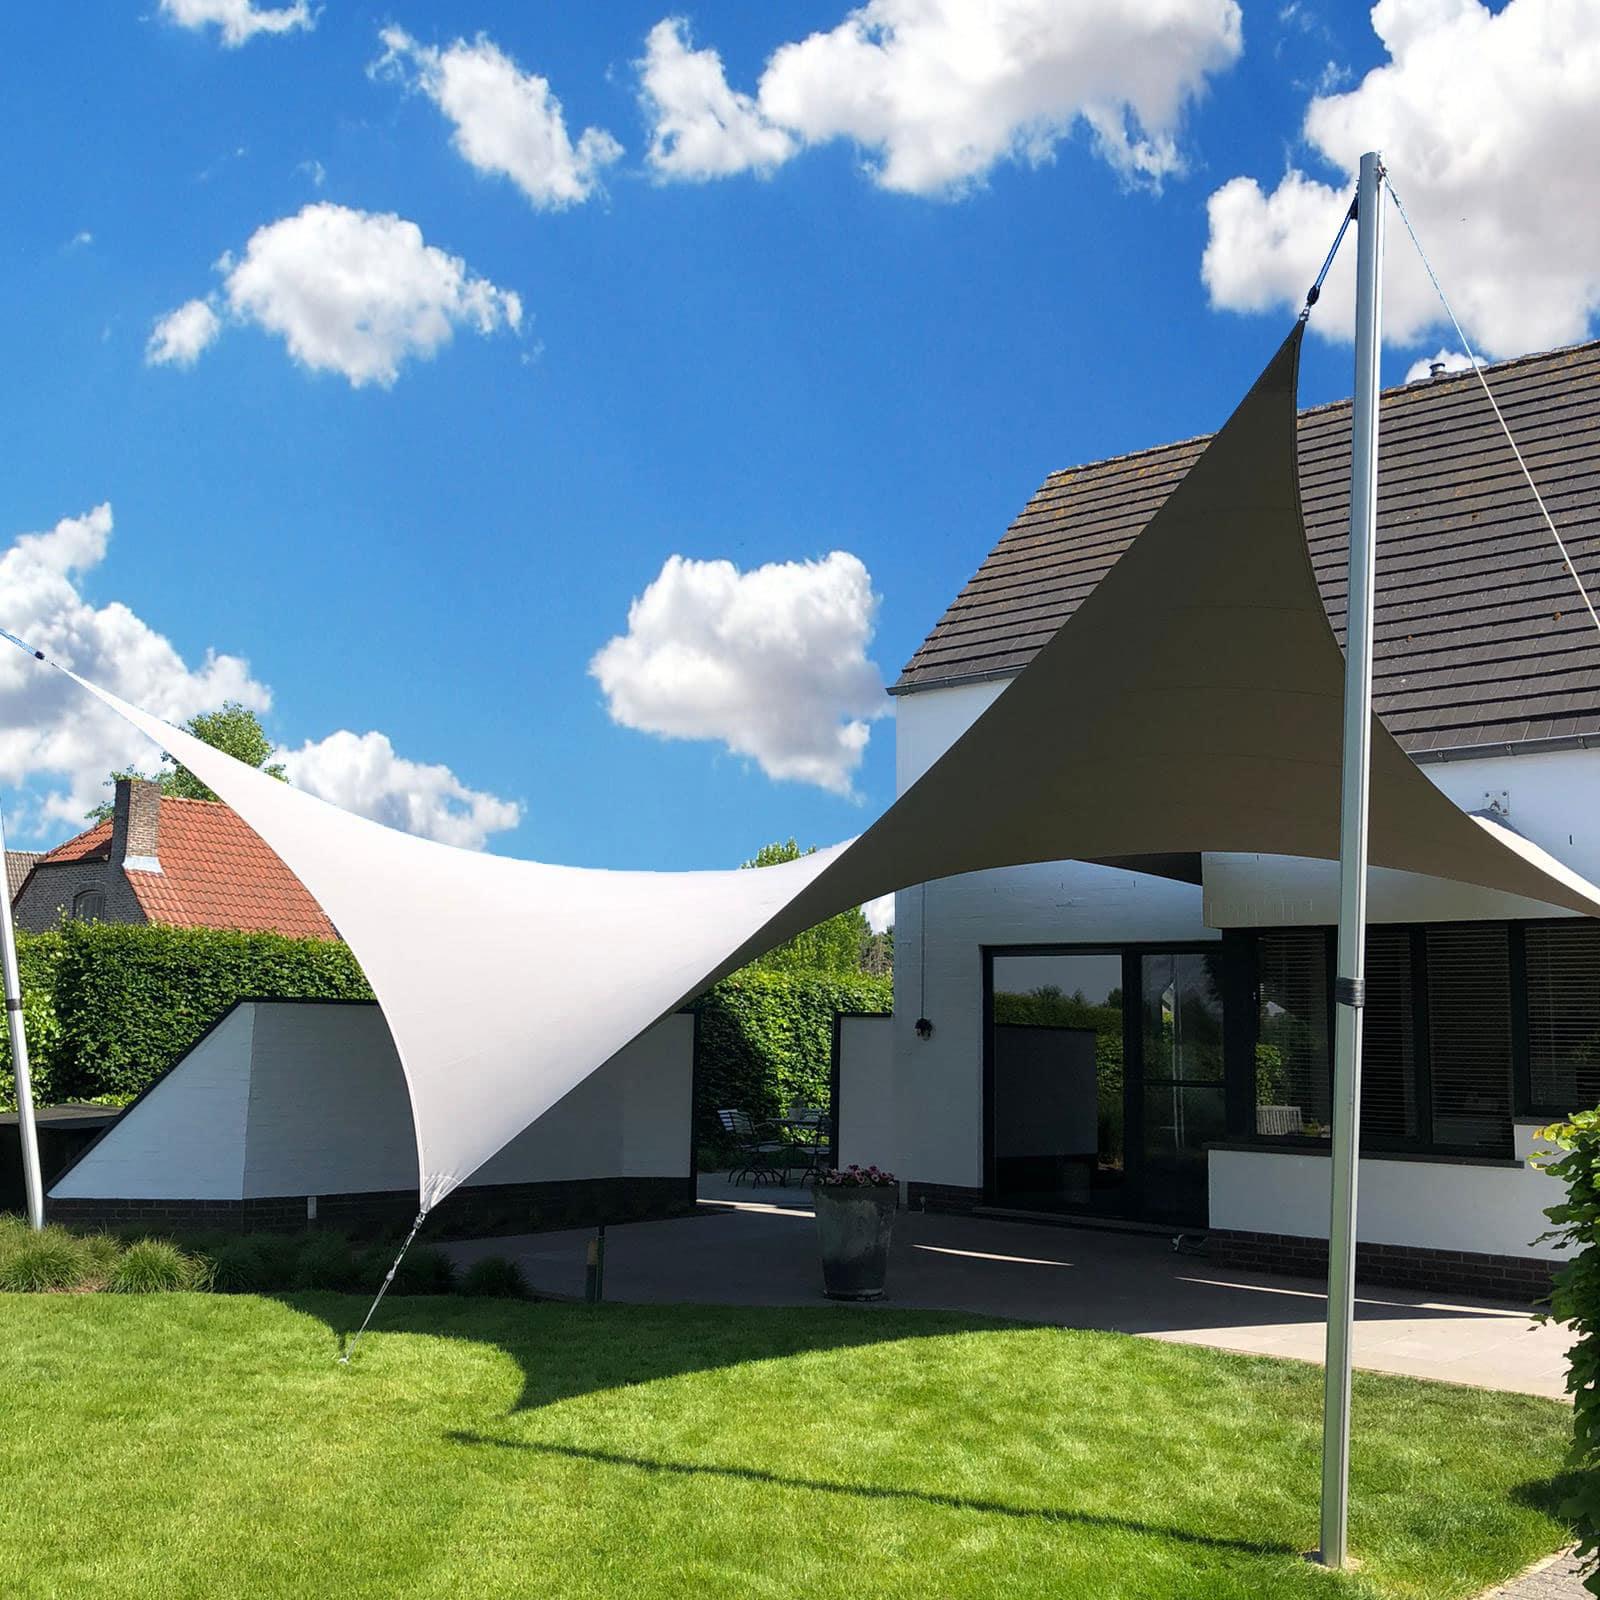 De mooiste Dutch Design overkapping van Texstyleroofs